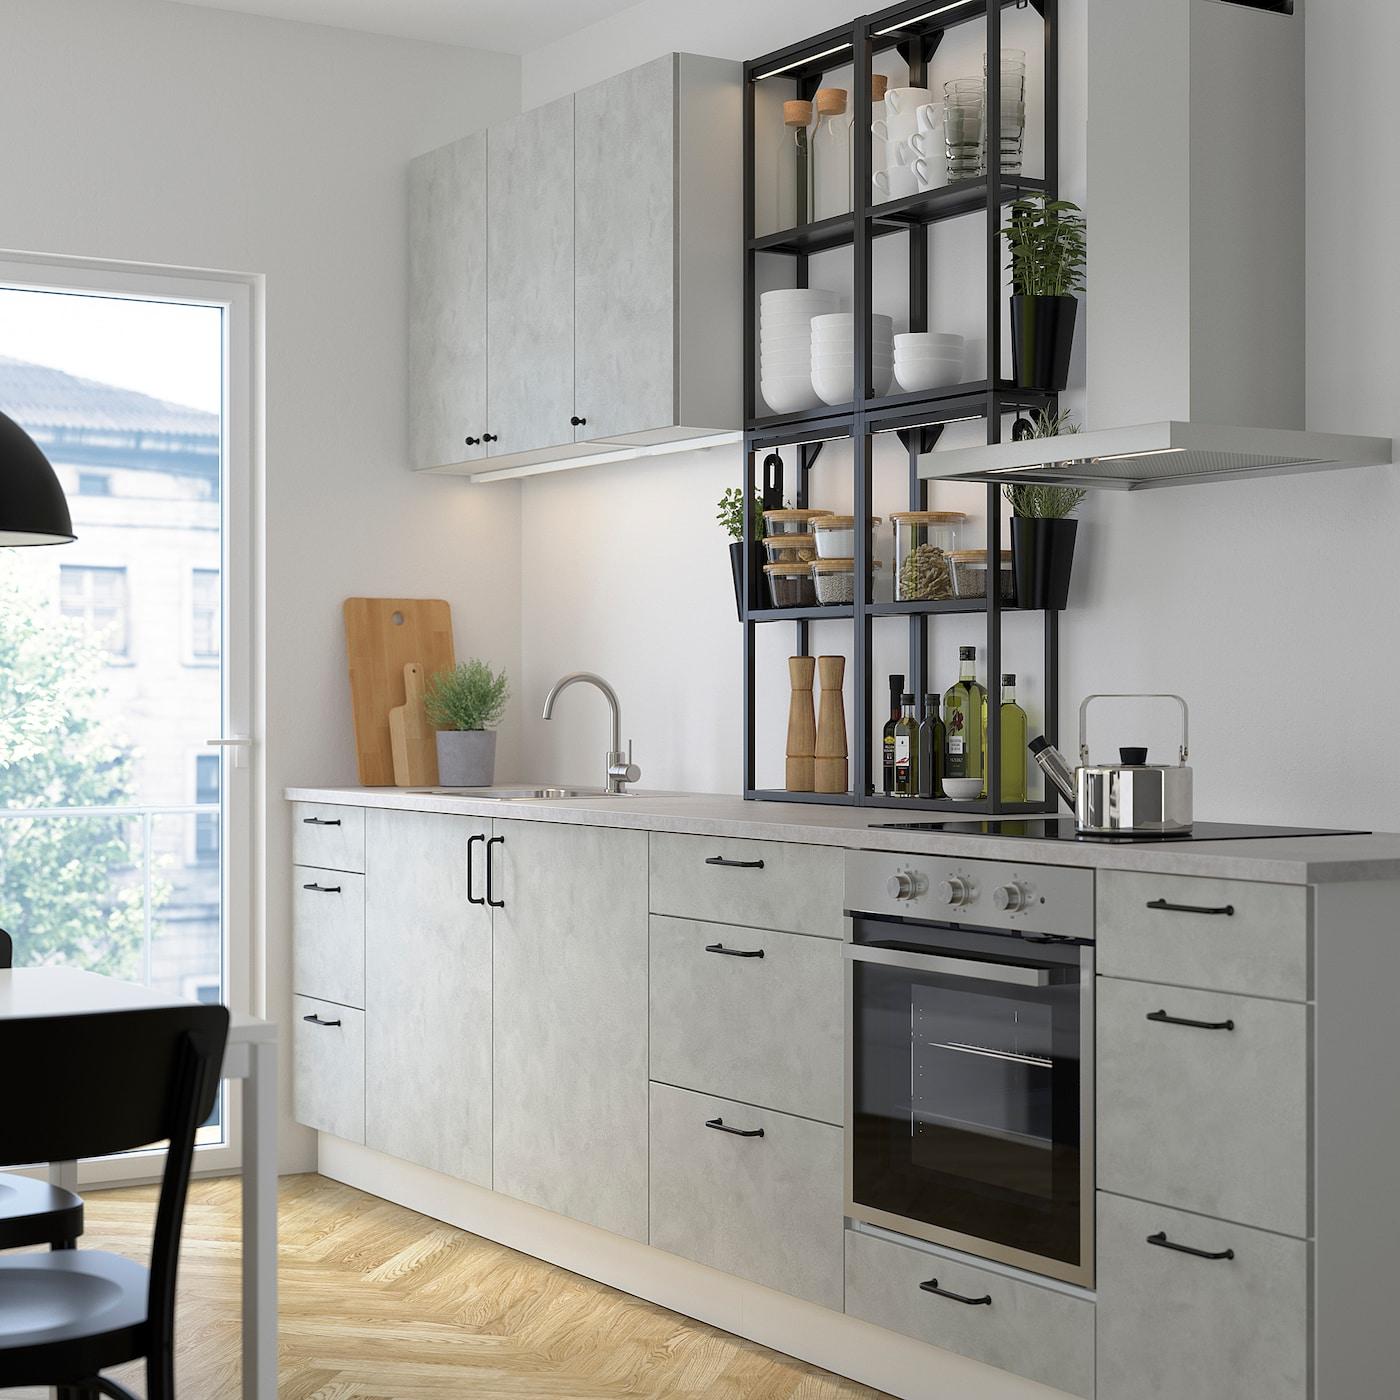 Küchensockel & Küchenkorpusse IKEA Österreich